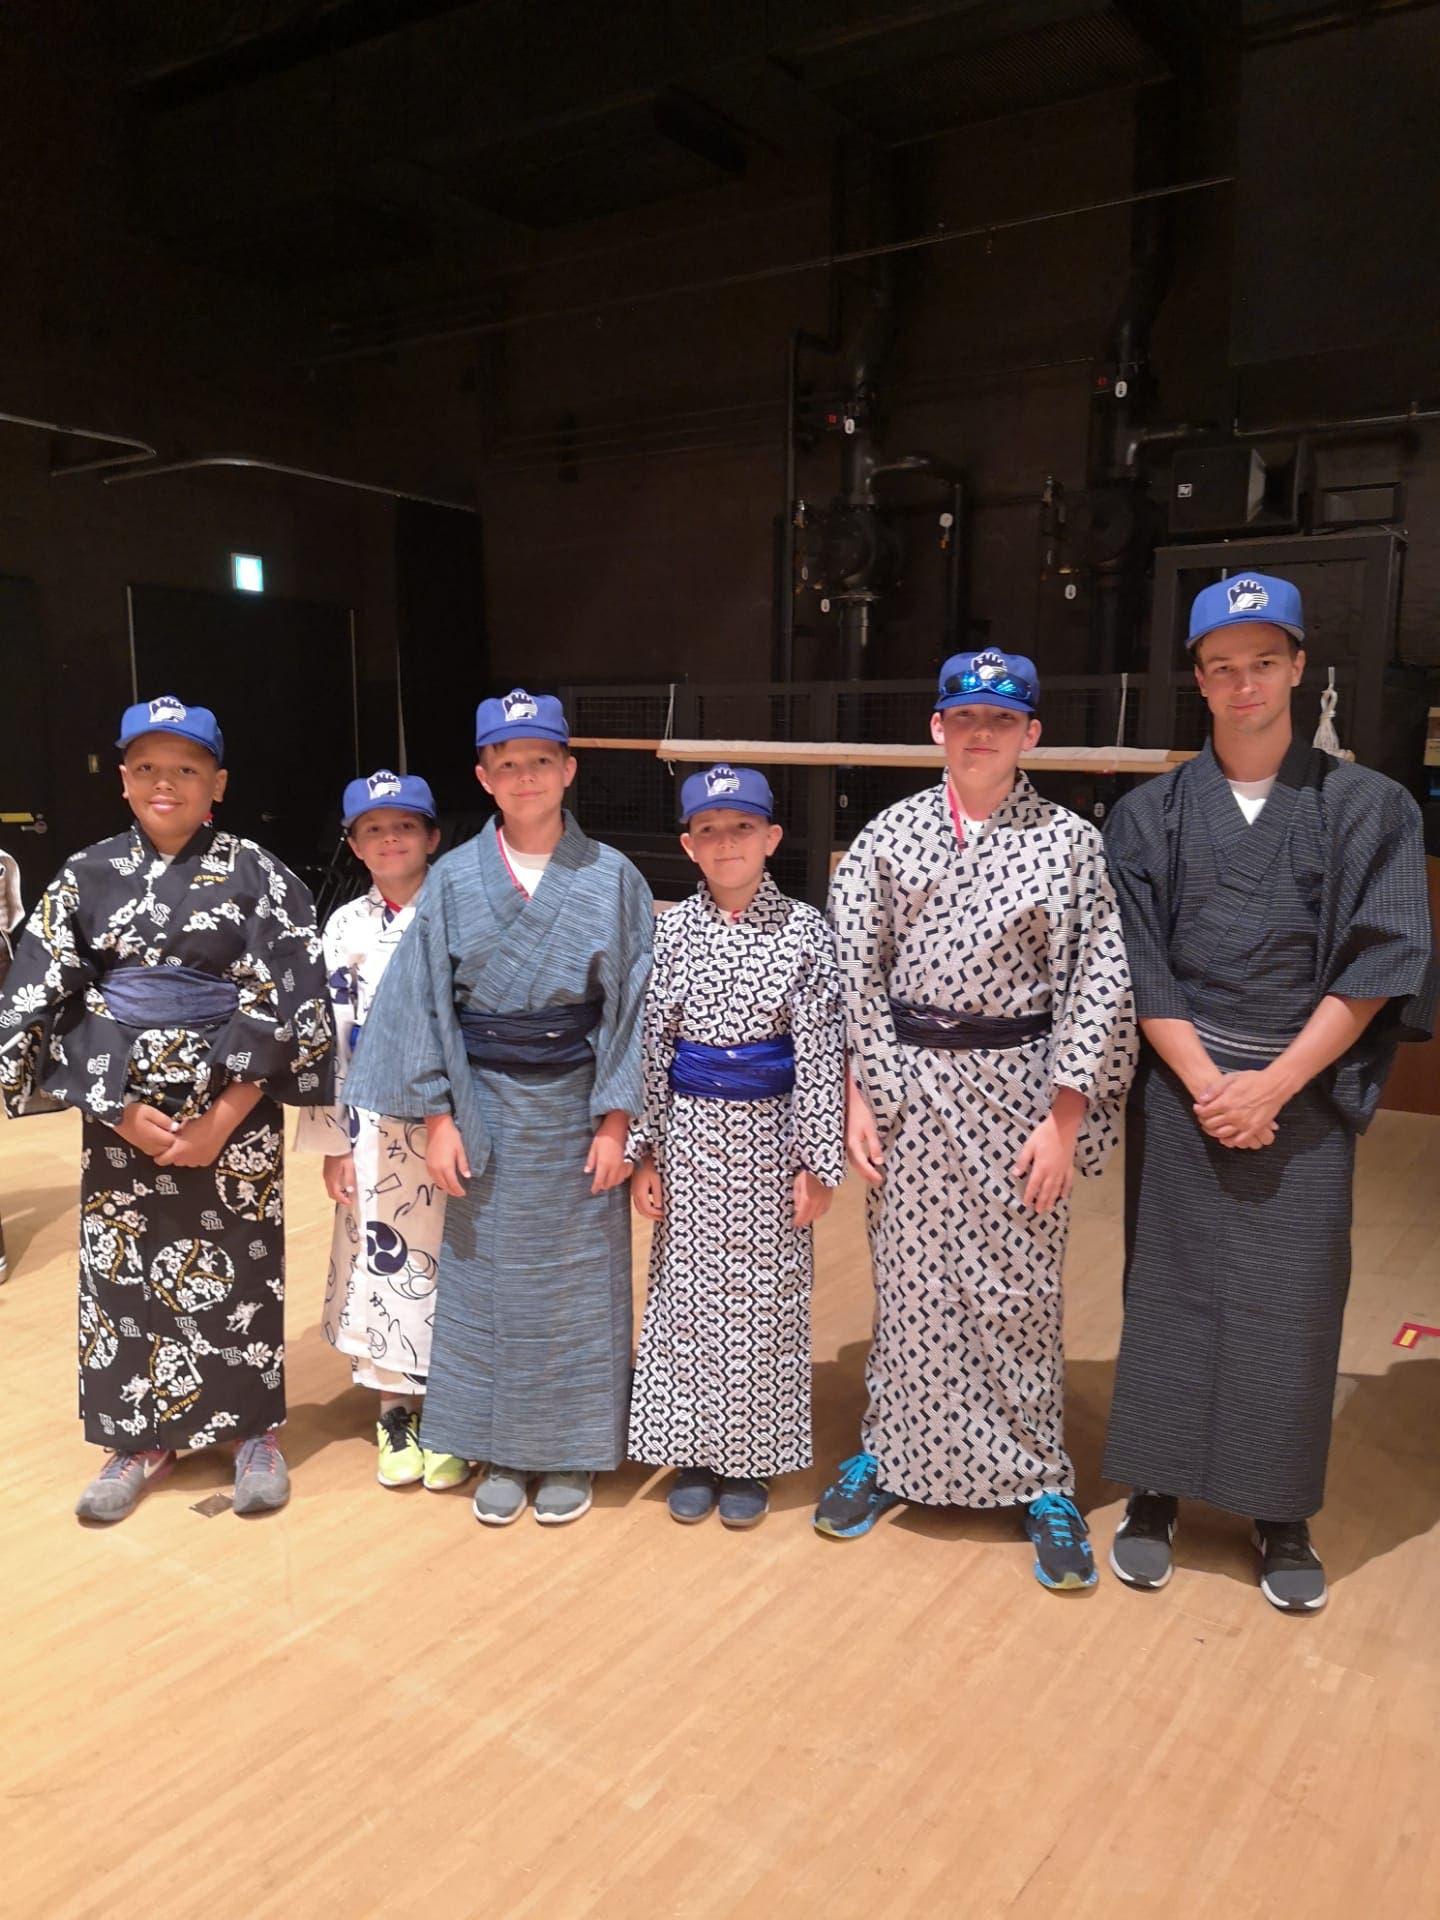 Schweizer Delegation am WCBF 2019 in Japan viel japanische Kultur im Camp - hier im Kimono